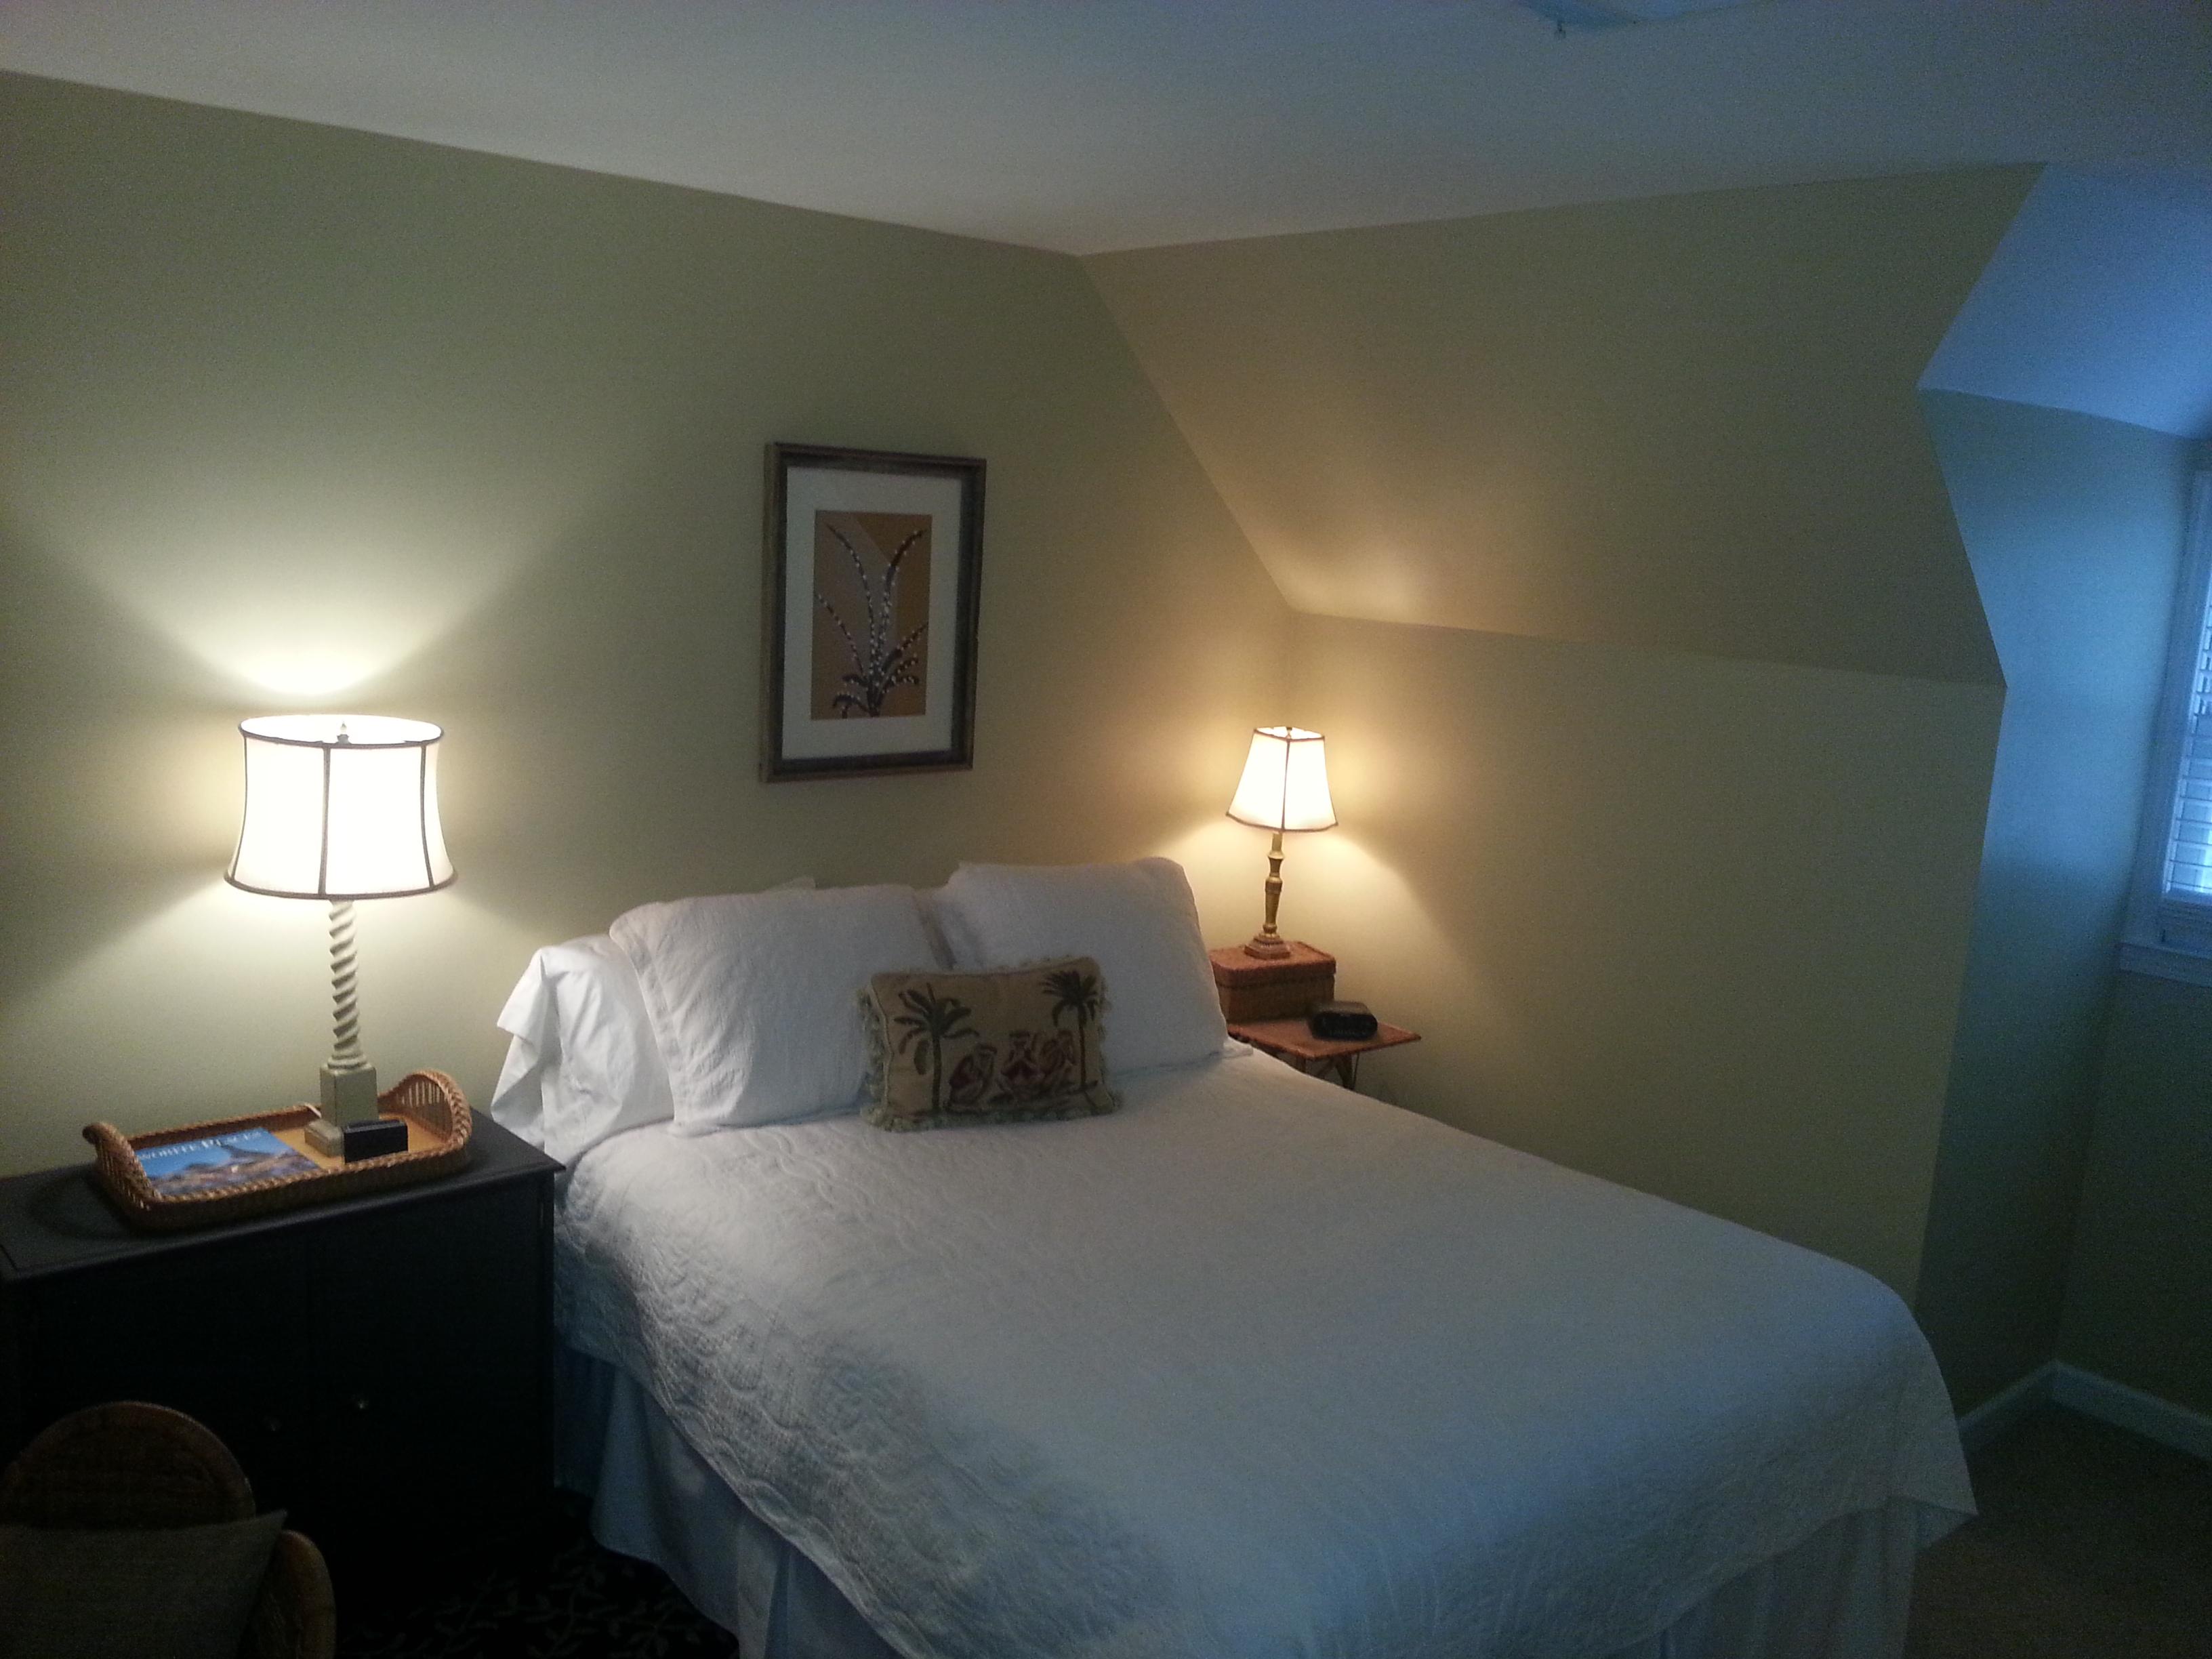 Spacious 2 Bedroom Private Suite Atlanta Guest Suites For Rent In Atlanta Georgia United States